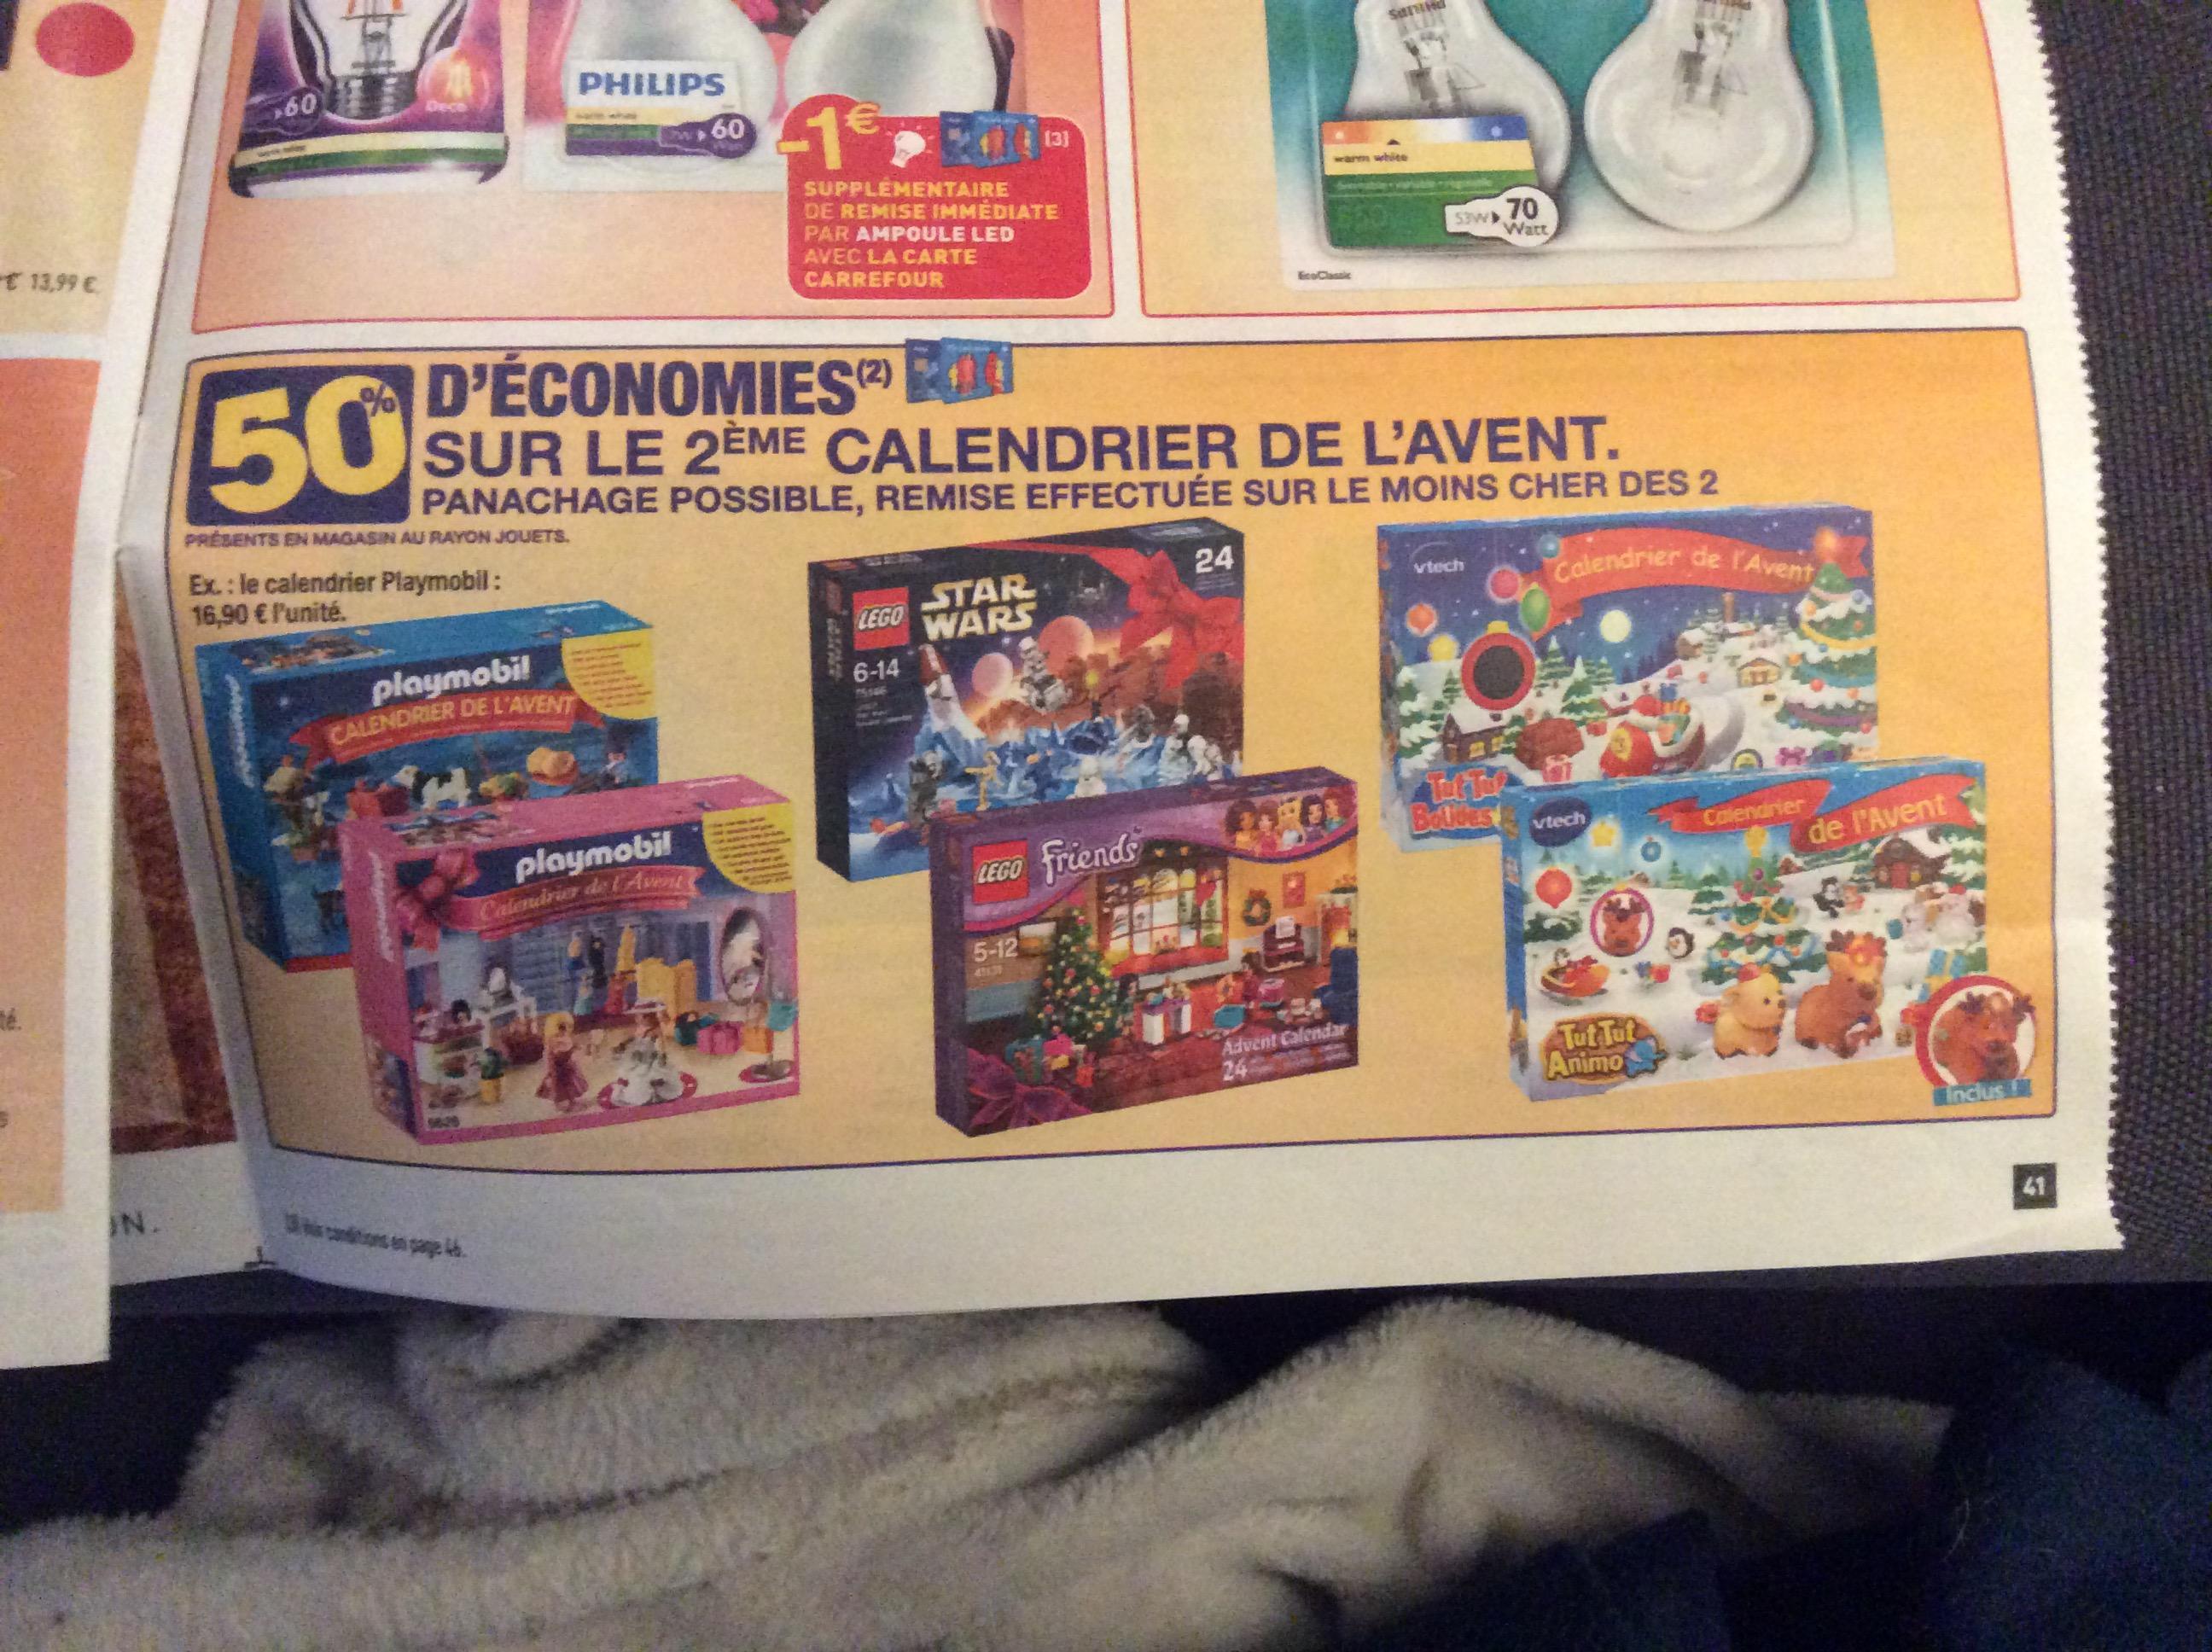 50% de réduction sur le 2eme calendrier de l'avent - Ex : 2 Calendriers de l'avent Playmobil